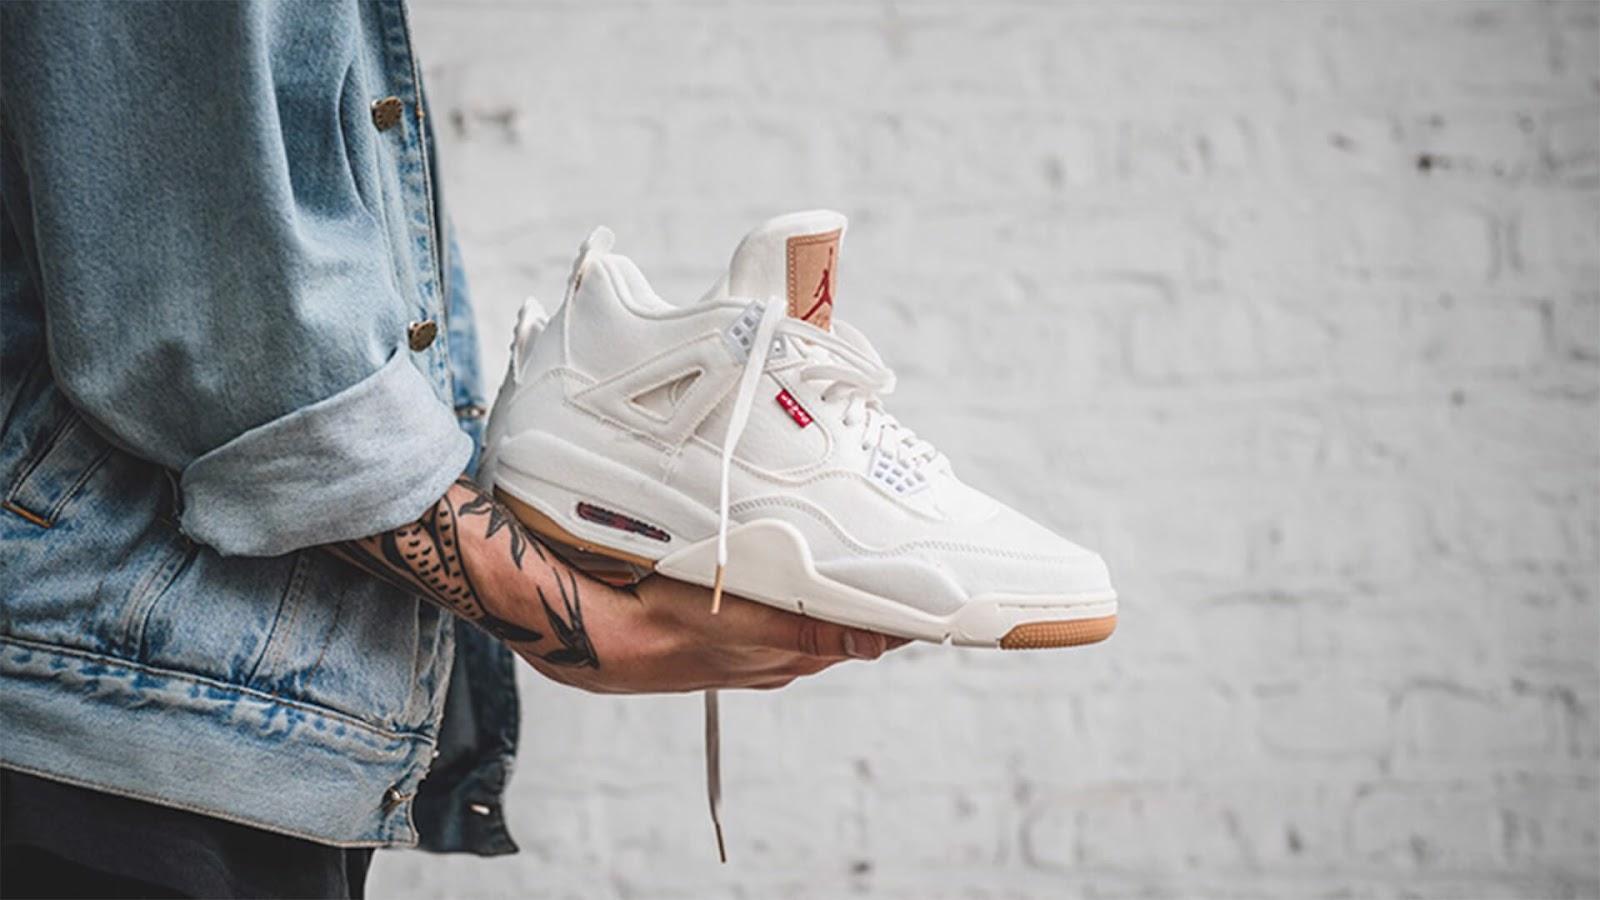 Nike Air Jordan 4 mang nhiều ưu điểm vượt trội